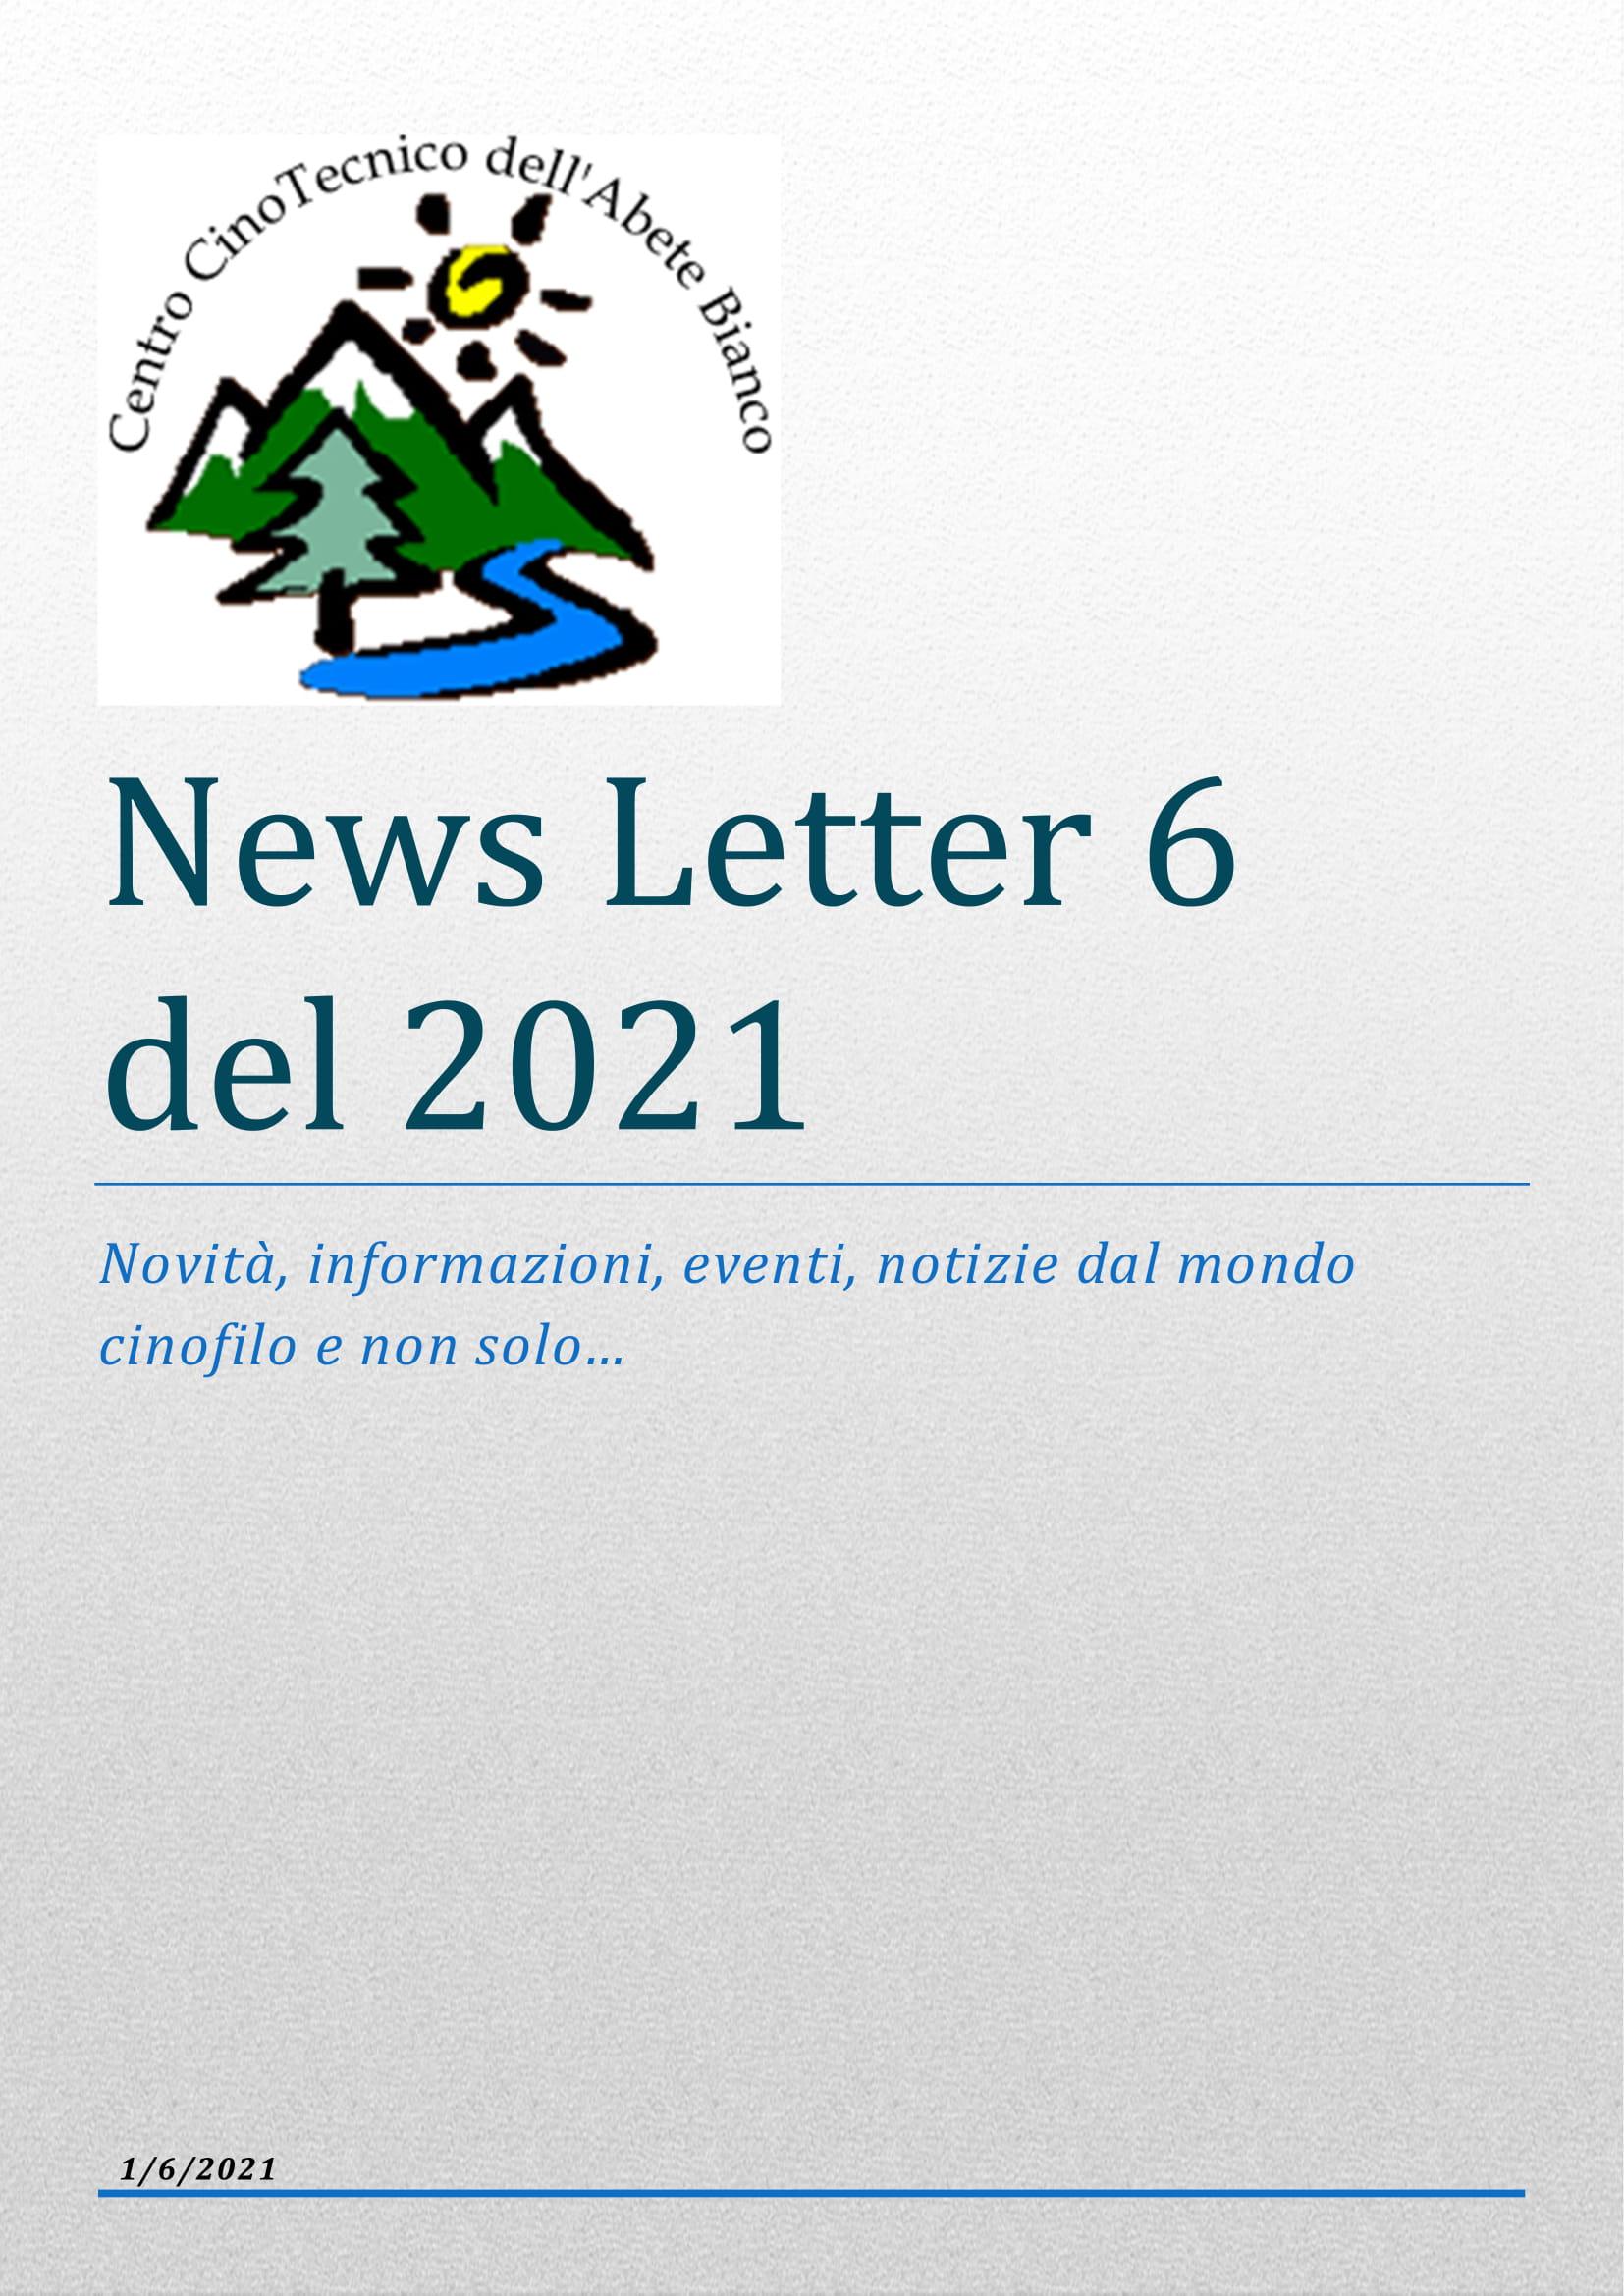 News_giugno-01.jpg